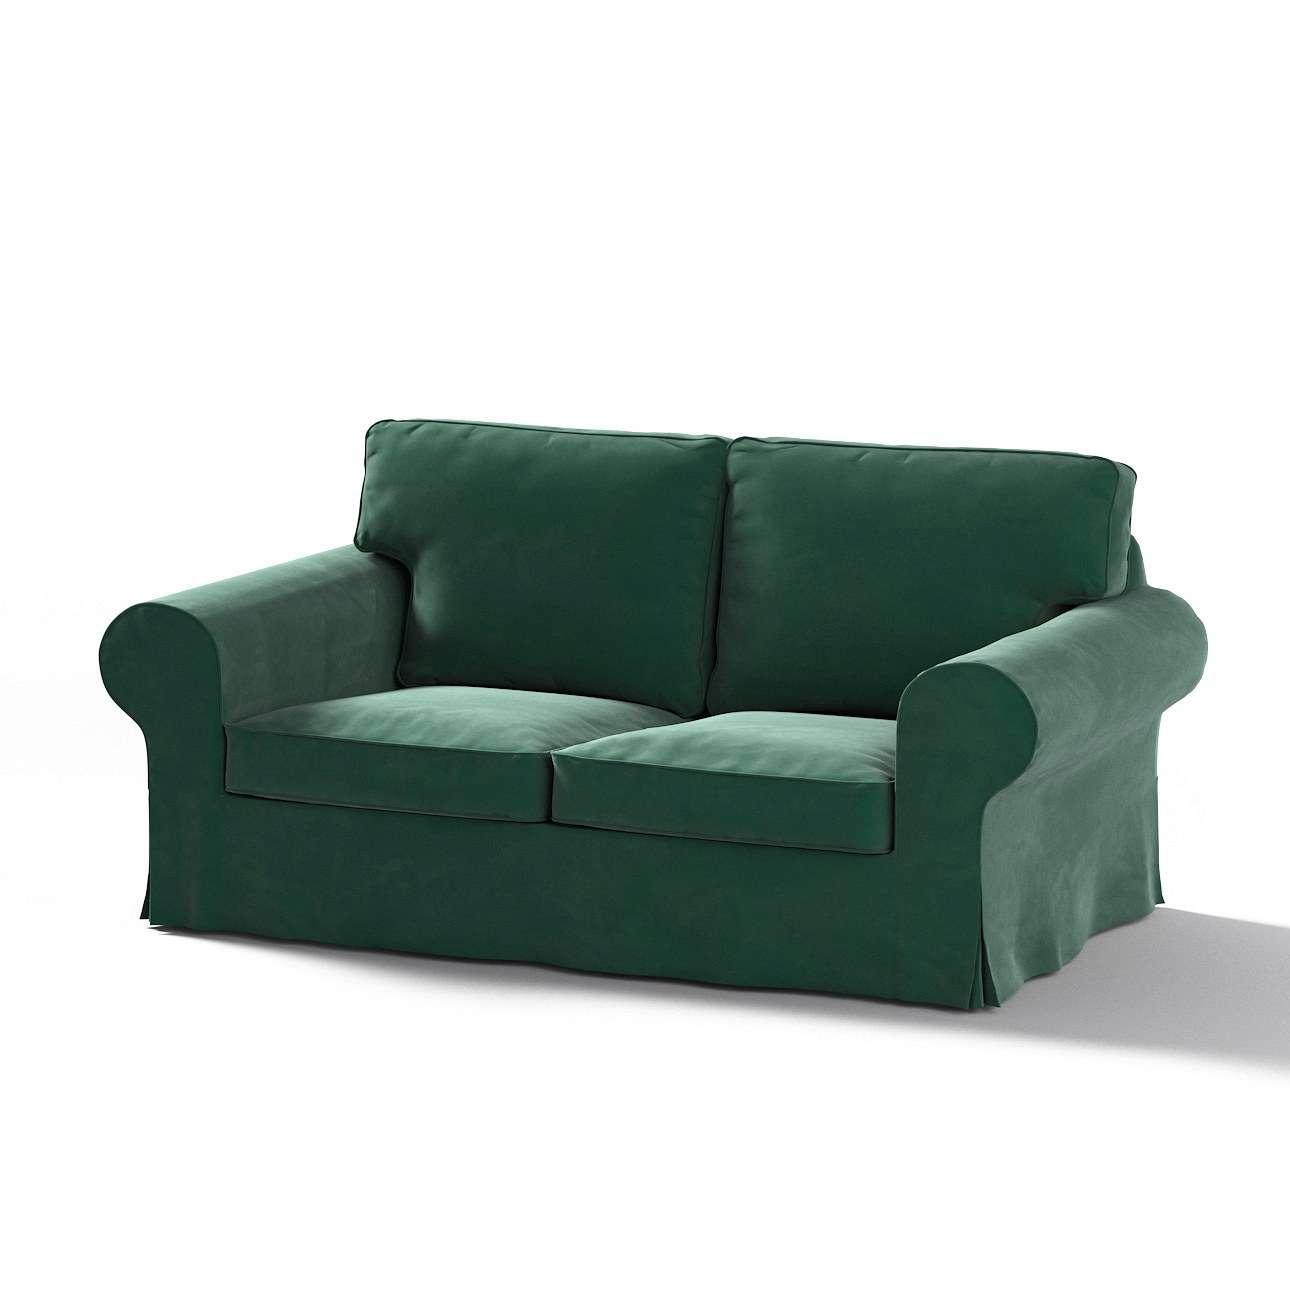 Pokrowiec na sofę Ektorp 2-osobową, rozkładaną, model do 2012 w kolekcji Velvet, tkanina: 704-25